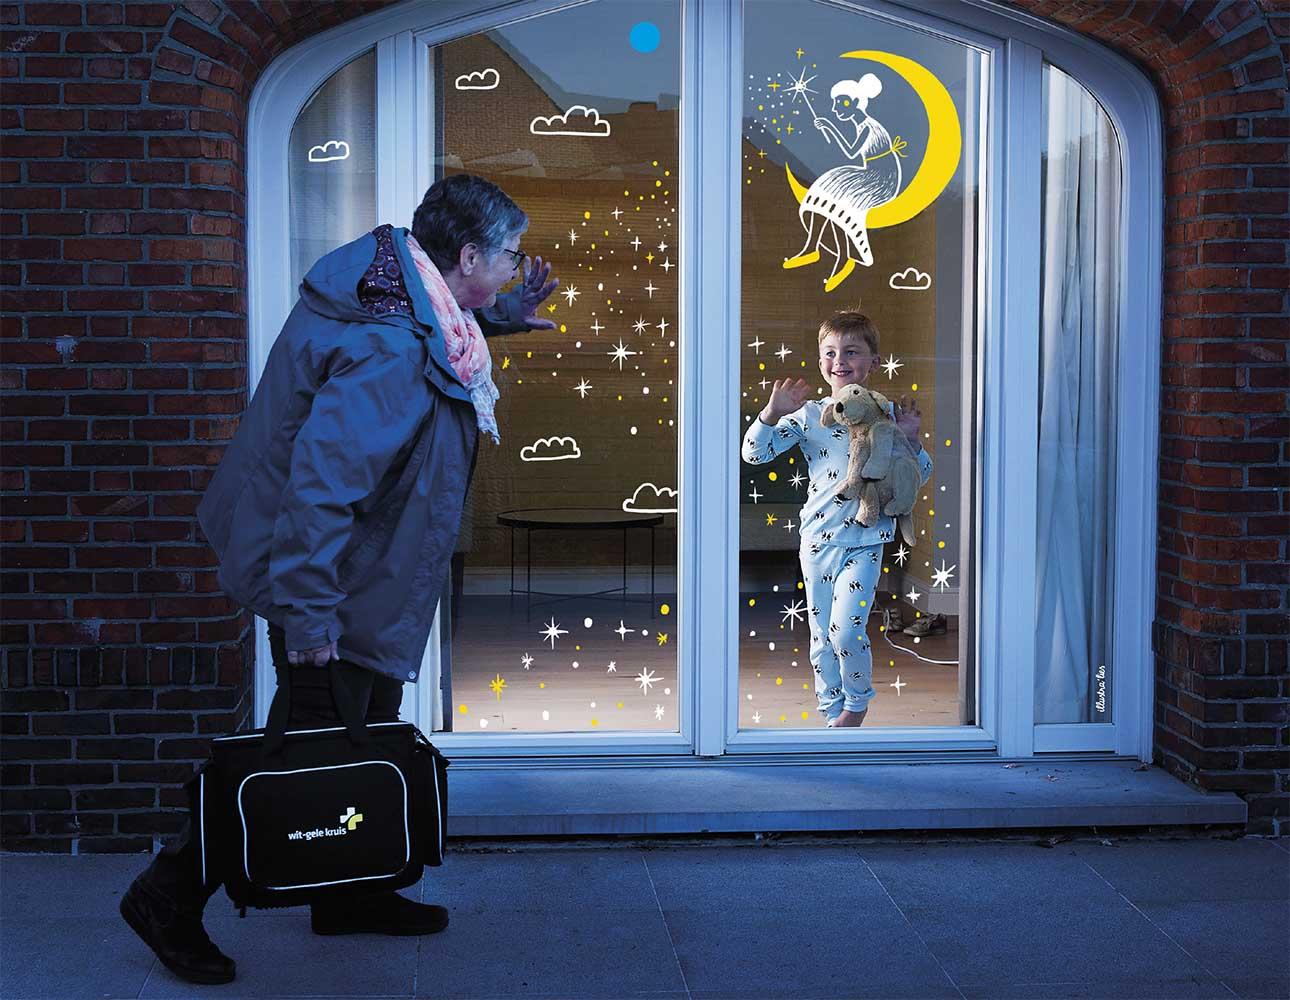 raamtekening illustraties voor kalender voor Wit-Gele kruis - goede nacht - illustra'lies